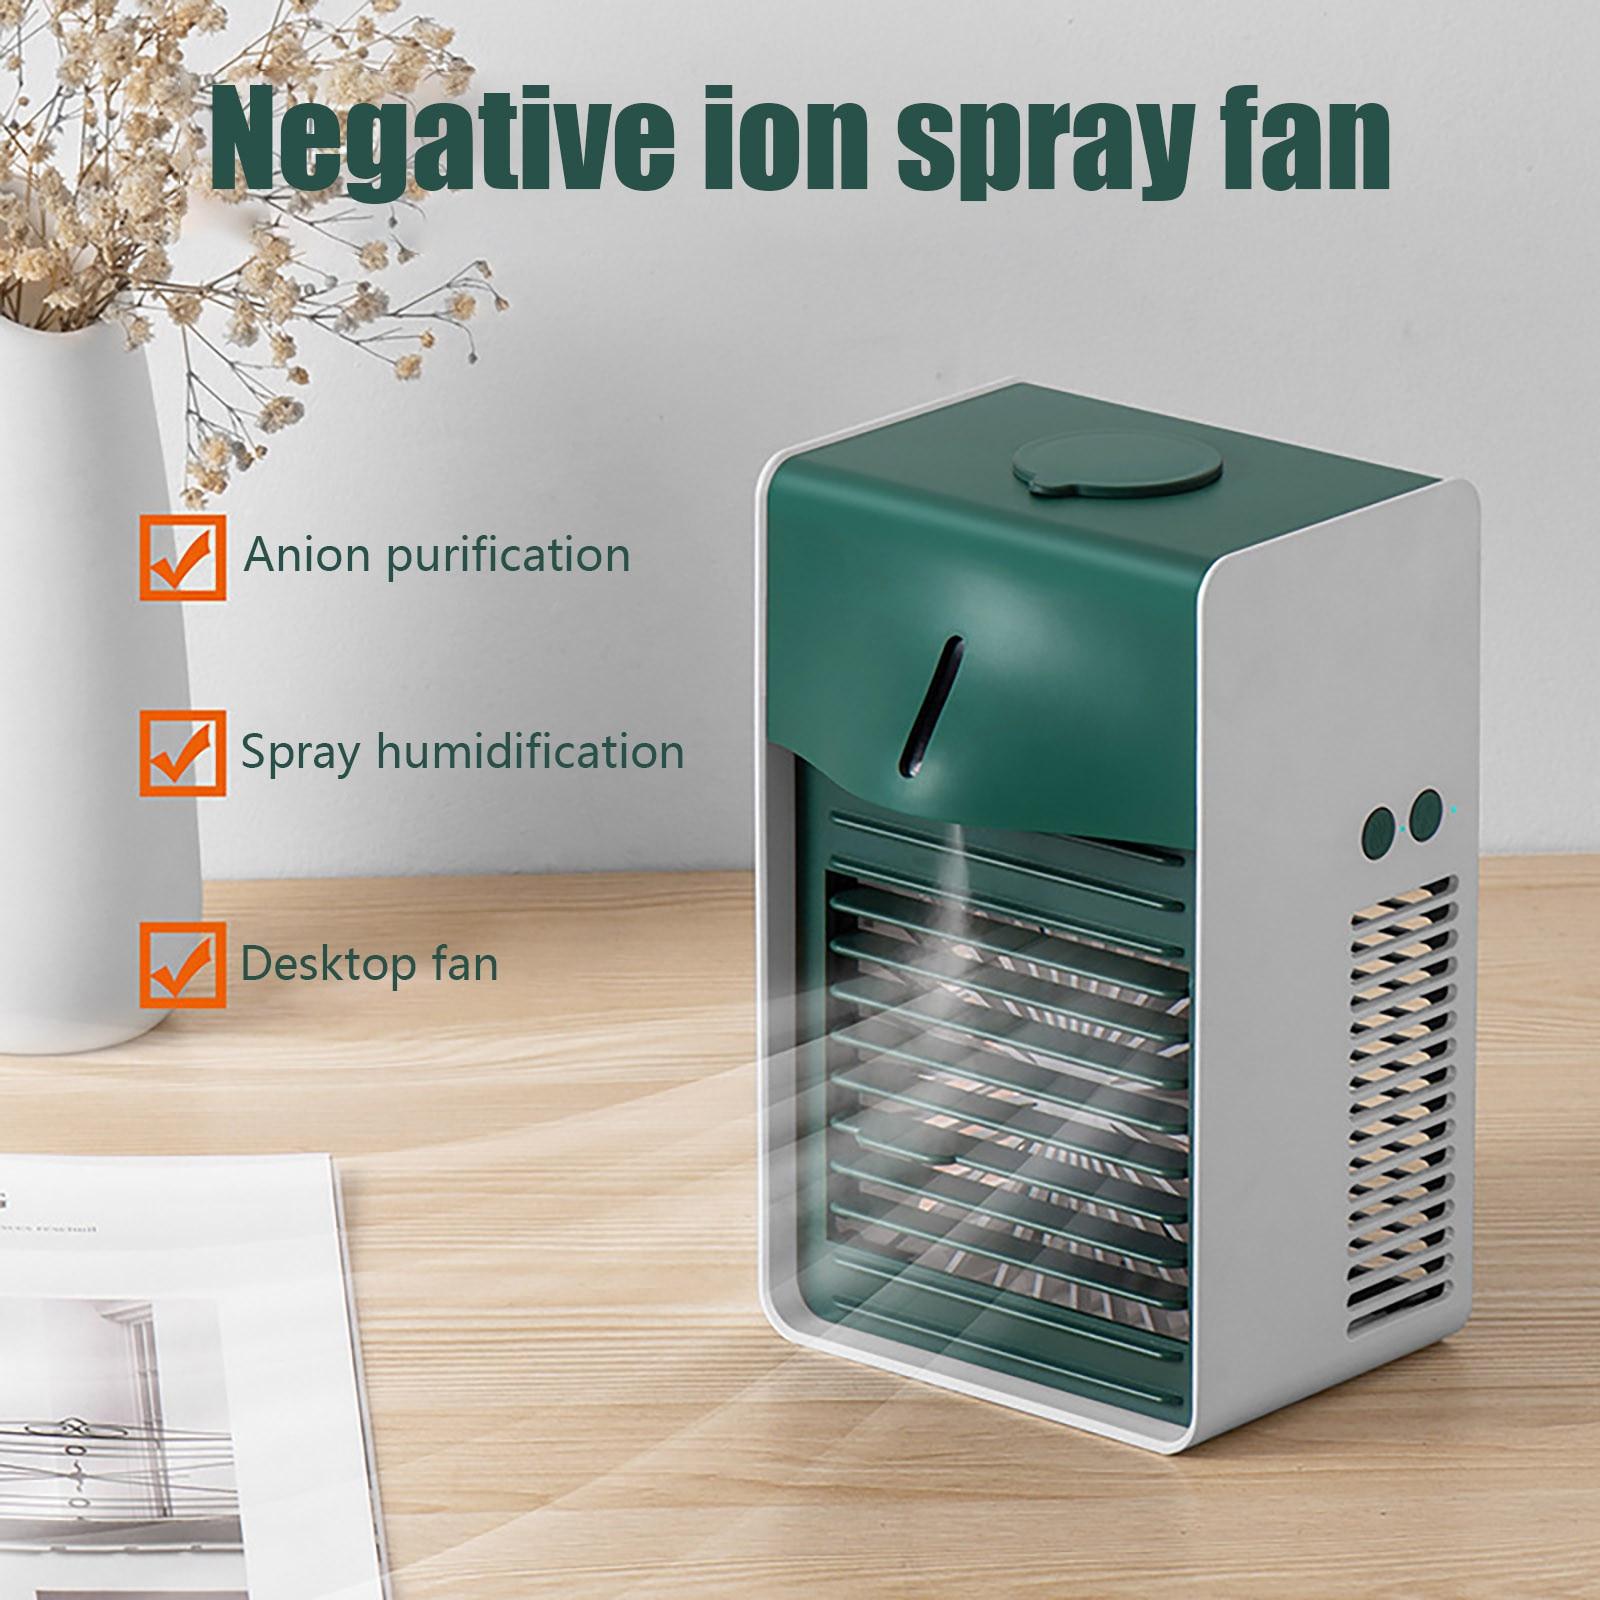 سلبي أيون مبرد الهواء سطح المكتب تكييف الهواء مروحة تبريد المياه المنزلية USB شحن تكييف الهواء تبريد الهواء سطح المكتب